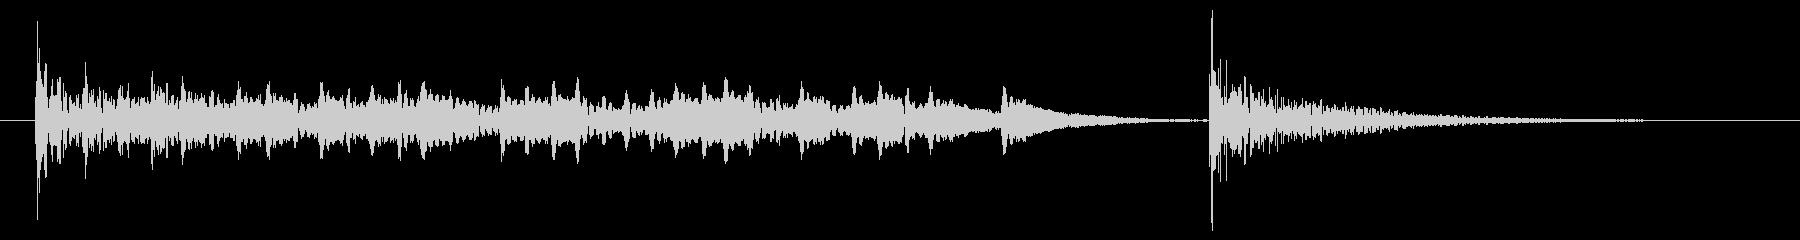 発表ドラムロール【ドンドンドン・・ドン】の未再生の波形